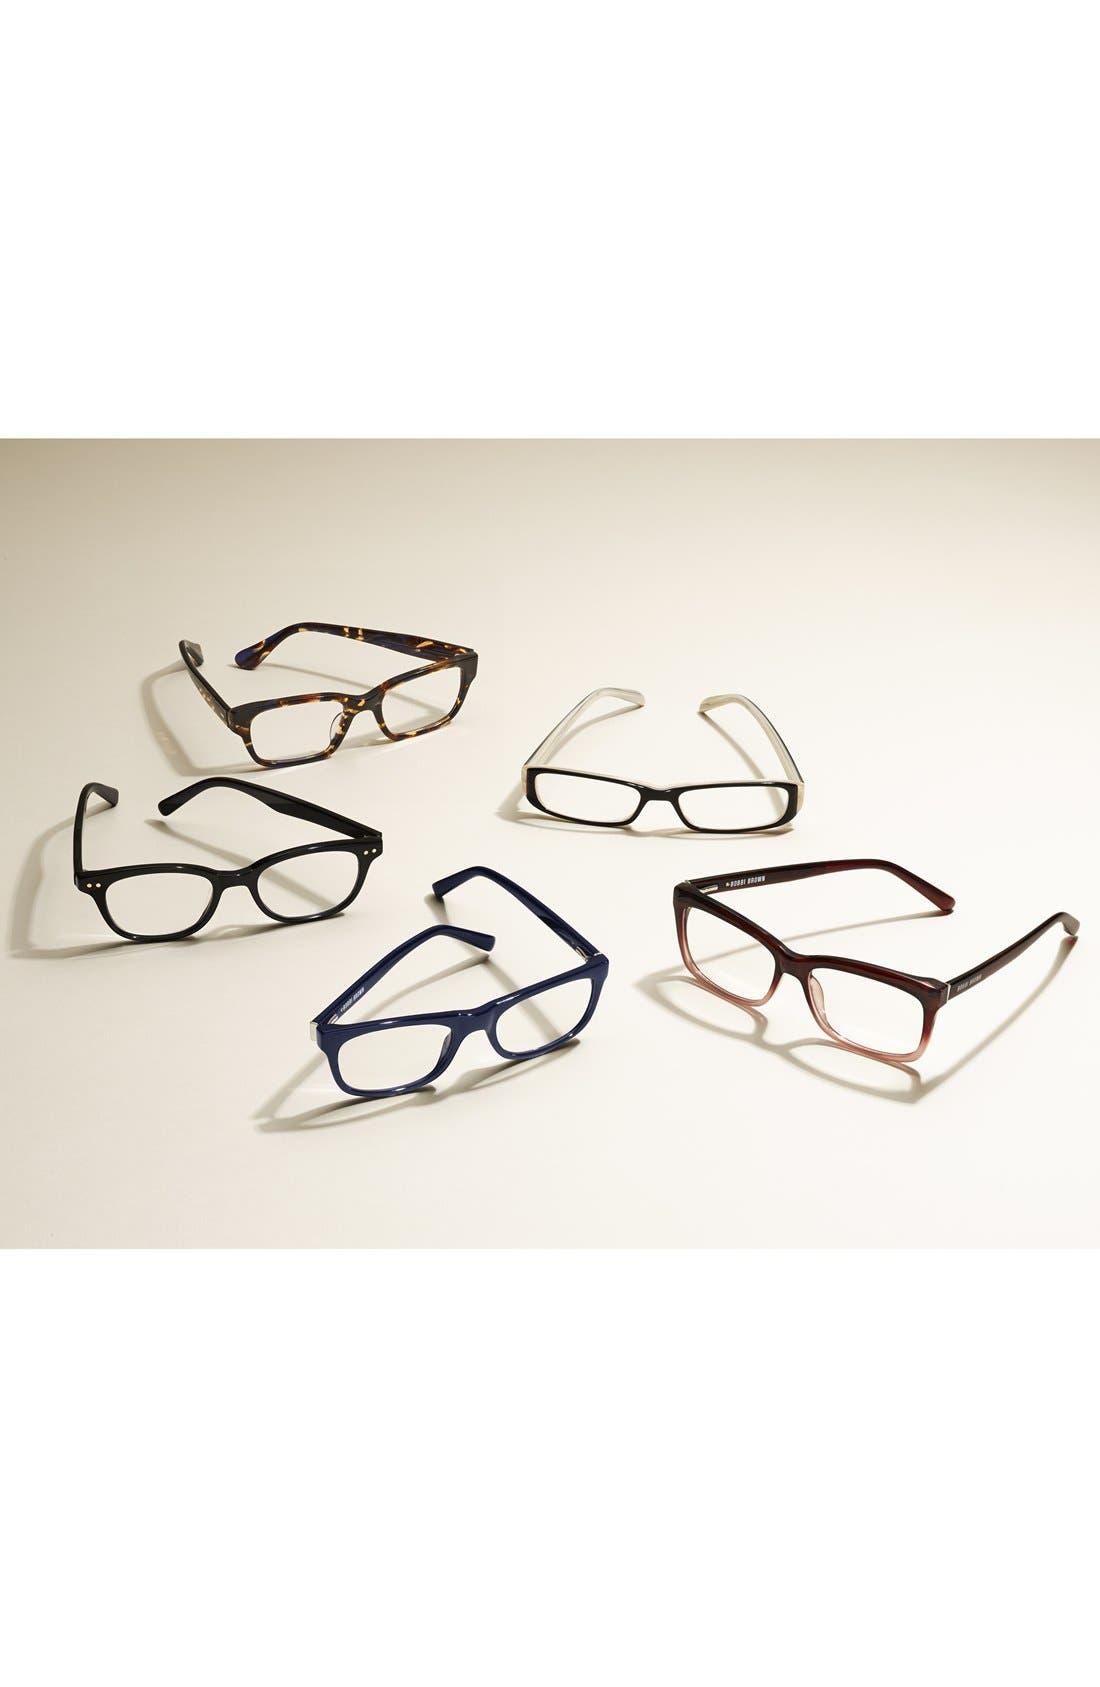 Alternate Image 3  - Bobbi Brown The Soho 50mm Reading Glasses